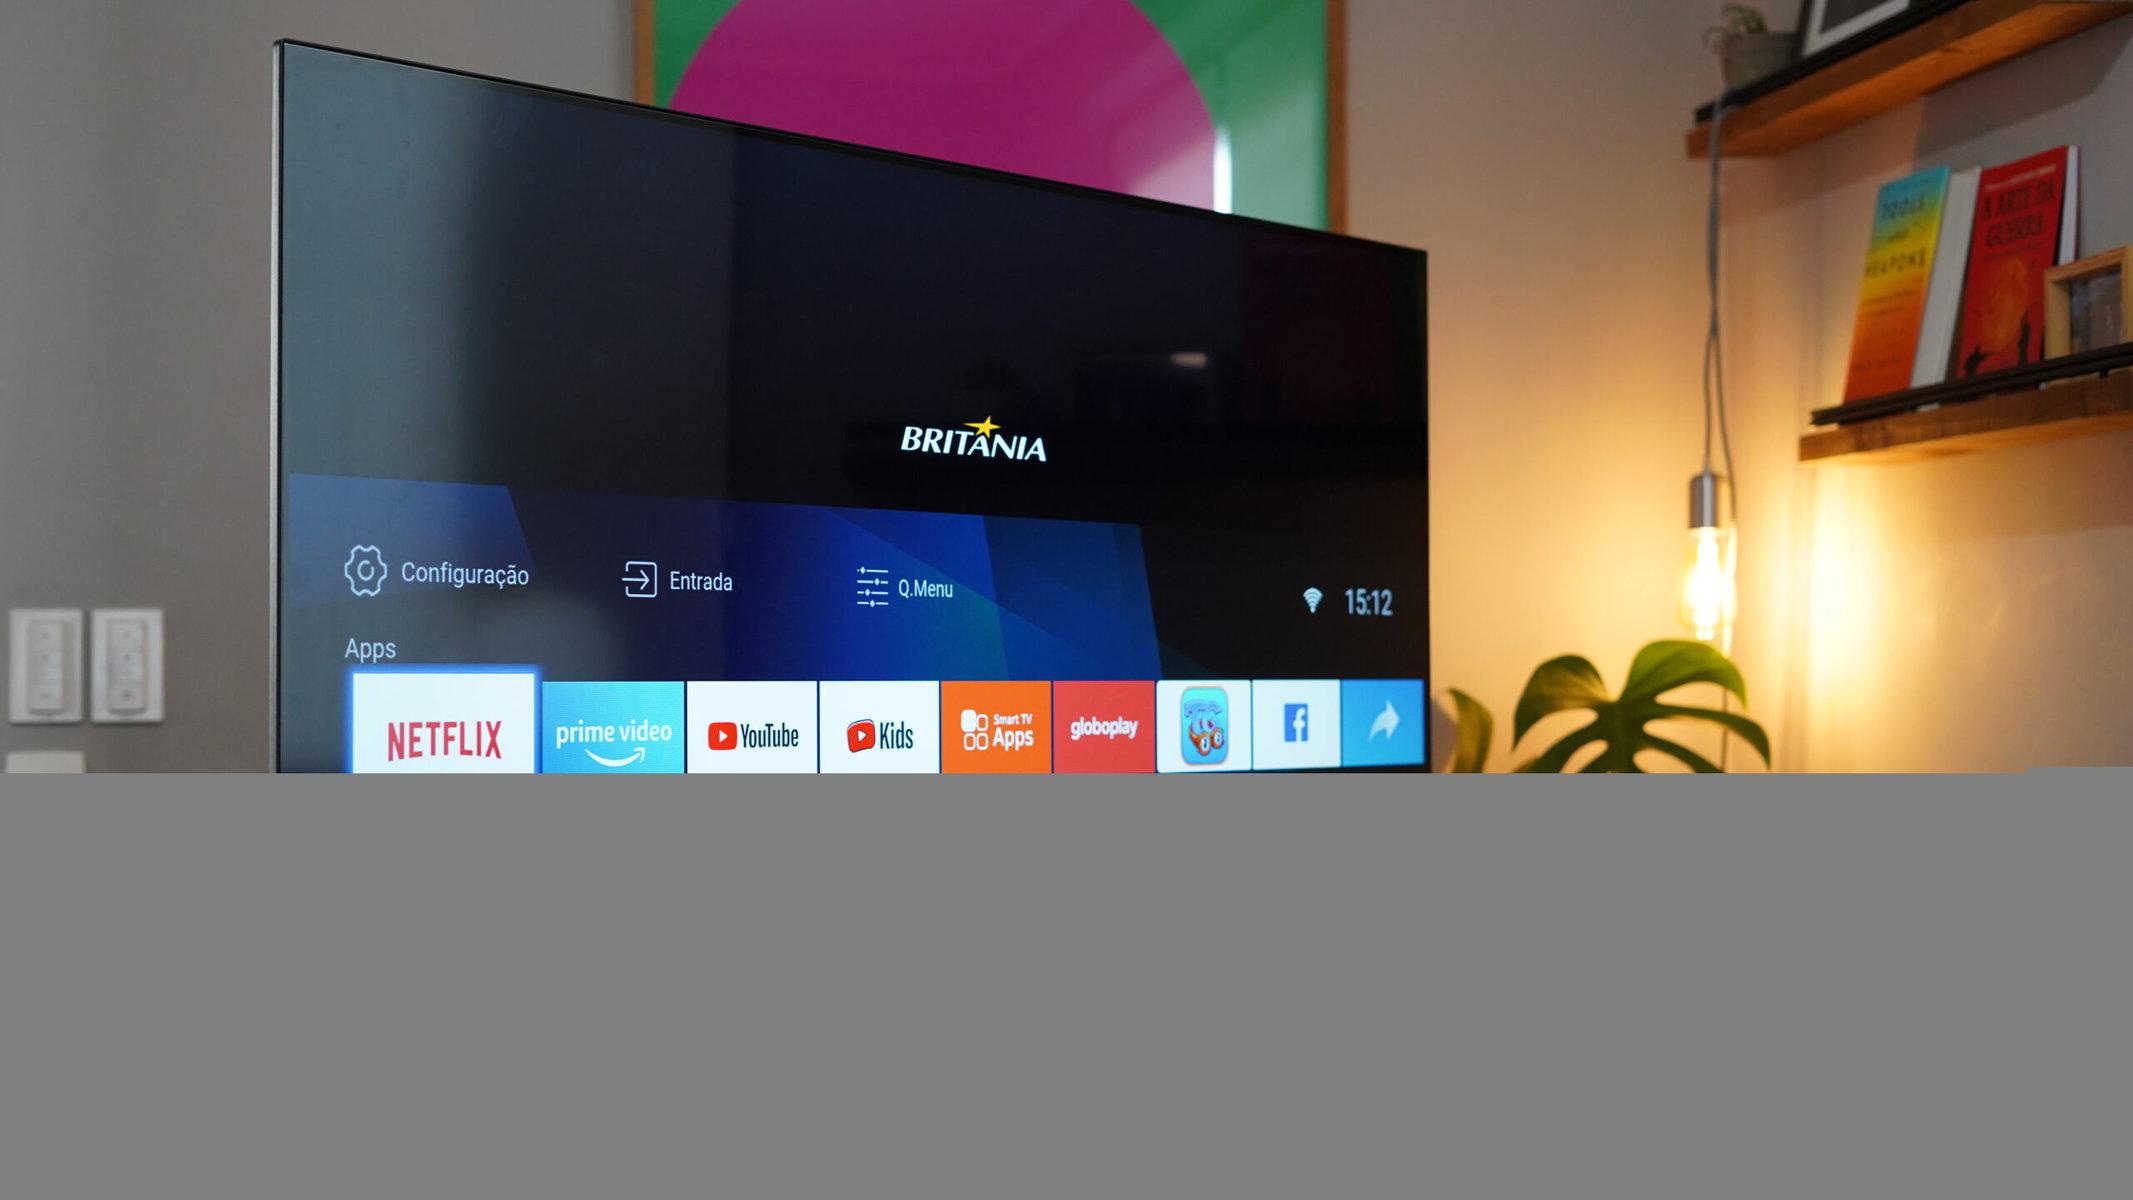 Tv britânia com aplicativos